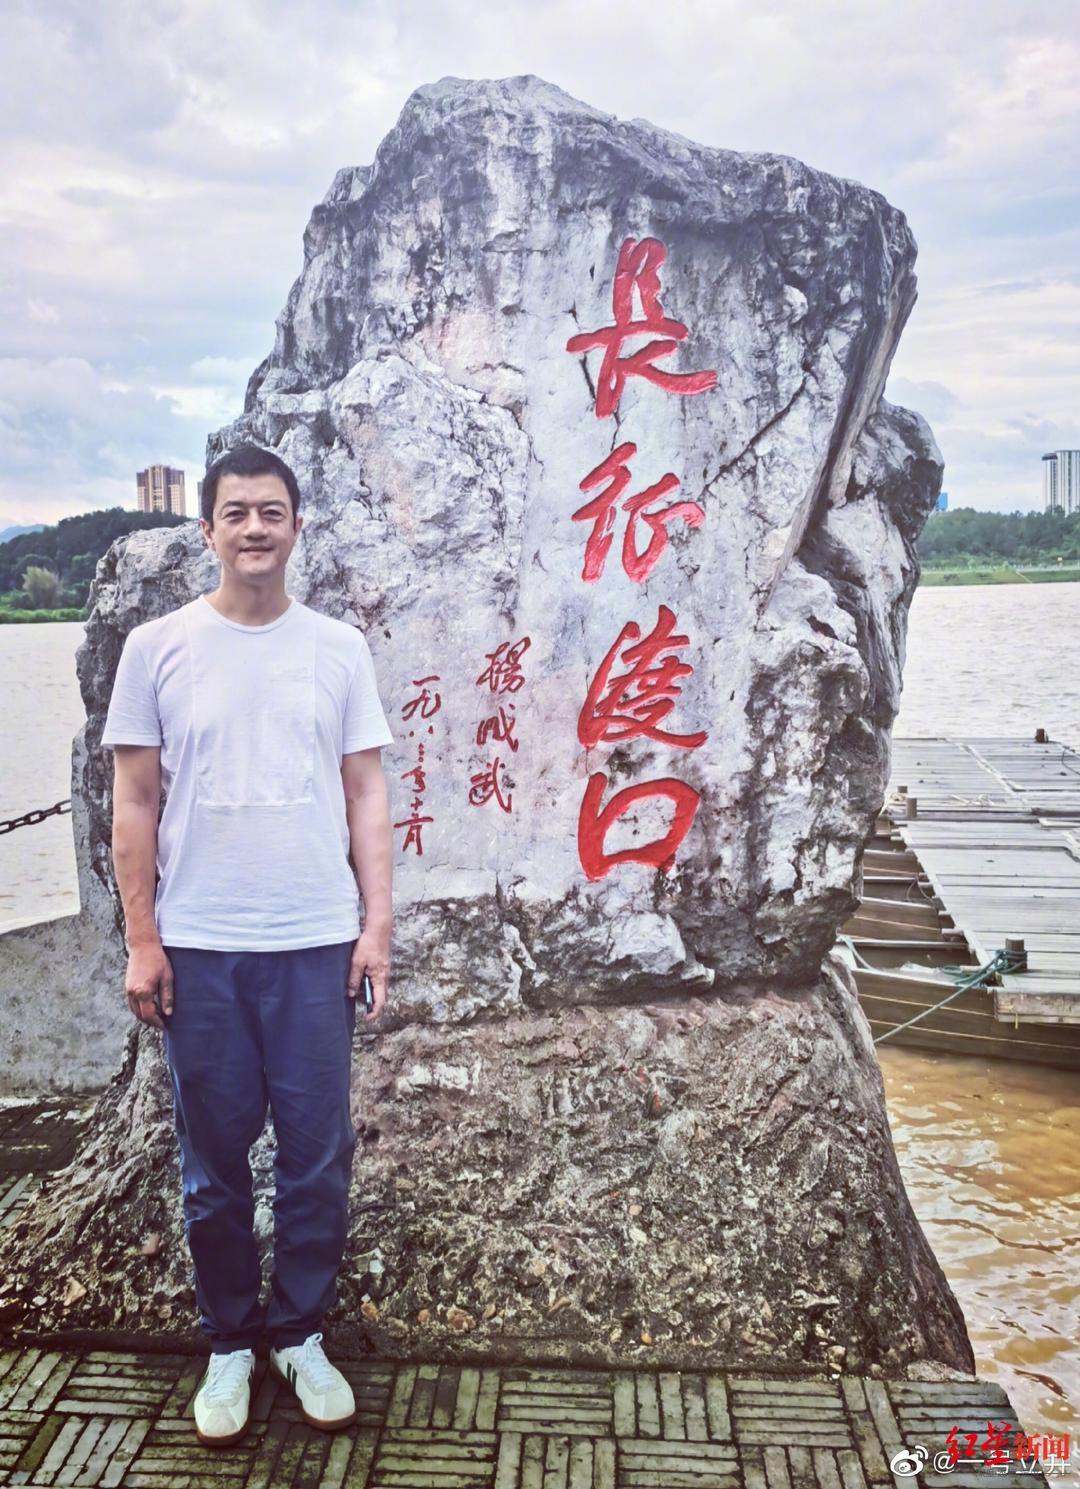 """浙江一学生坠楼身亡 官方通报""""被4男生抬上楼顶""""问题"""